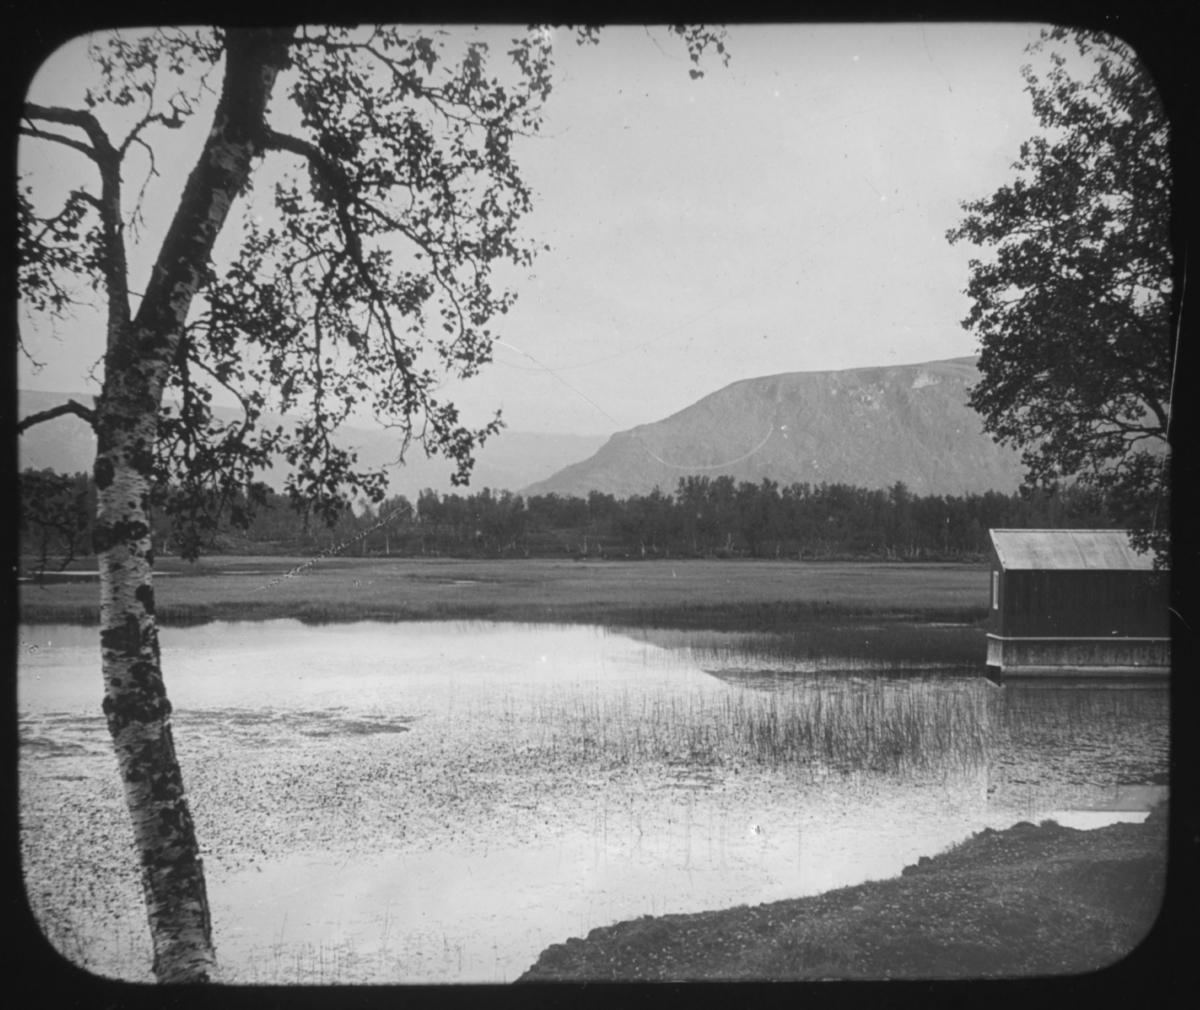 """""""Det Nordlige Norge. Serie 109. No. 9"""" står det på glassplaten. Landskapsbilde med bjørketre i forkant, en innsjø med strå og et naust eller en sjøbu til høyre i vannkanten. Fjell i bakgrunnen. Det er sommer og løv på trærne.  Bildeserien av botaniker Hanna Resvoll-Holmsen er fra Nordland, Troms og Finnmark. Vi vet at hun tilbrakte endel tid i Kjøllefjord, Lebesby, Finnmark, i 1909. Fotoserien er sannsynligvis tatt på reisen nordover og i Øst-Finnmark. Botaniker Hanna Resvoll Holmsen fikk et reisestipend fra Universitetet i Oslo for å kartlegge arktisk vegetasjon i 1909. To foredrag om en ekspedisjon til Svalbard i 1907 ga grunnlag for et reisestipendet fra Oslo Universitet til Øst-Finnmark i 1909. Hanna Resvoll-Holmsens Svalbardekspedisjon kom i stand med støtte fra fyrsten av Monaco, som ville gi ut en bok om Svalbard. Hanna  gikk alene i land på Svalbard i juli 1907 og tilbrakte en måned i telt, med gevær og utstyr for innsamling og preservering av planter. Studiene på Svalbard ble senere publisert med overskriften """"Observations botaniques"""" og utgitt i Monaco.  Hanna Resvoll Holmsen regnes også som pioner innen fargefotografi, de tidligste fra før 1910, blant annet fra Svalbard."""